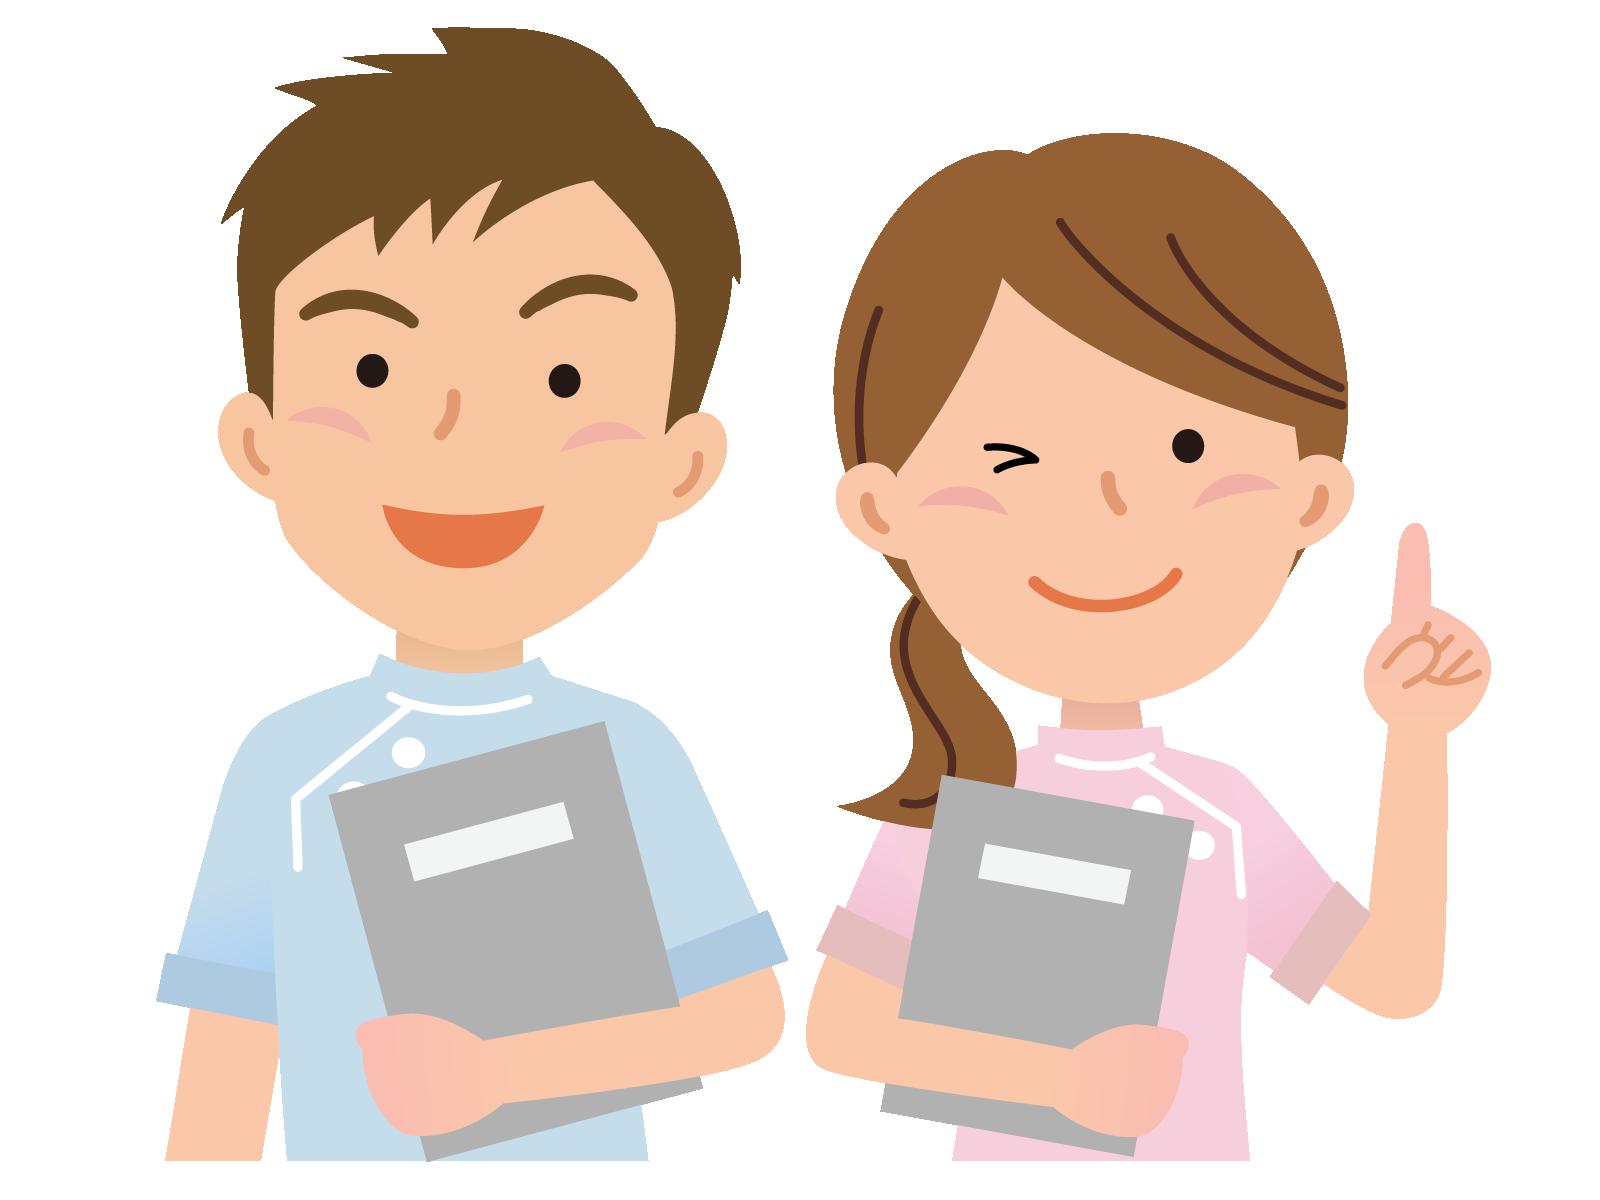 言語聴覚士(ST)が転職サイトを利用すべき理由とは?おすすめ転職サイトを紹介します!